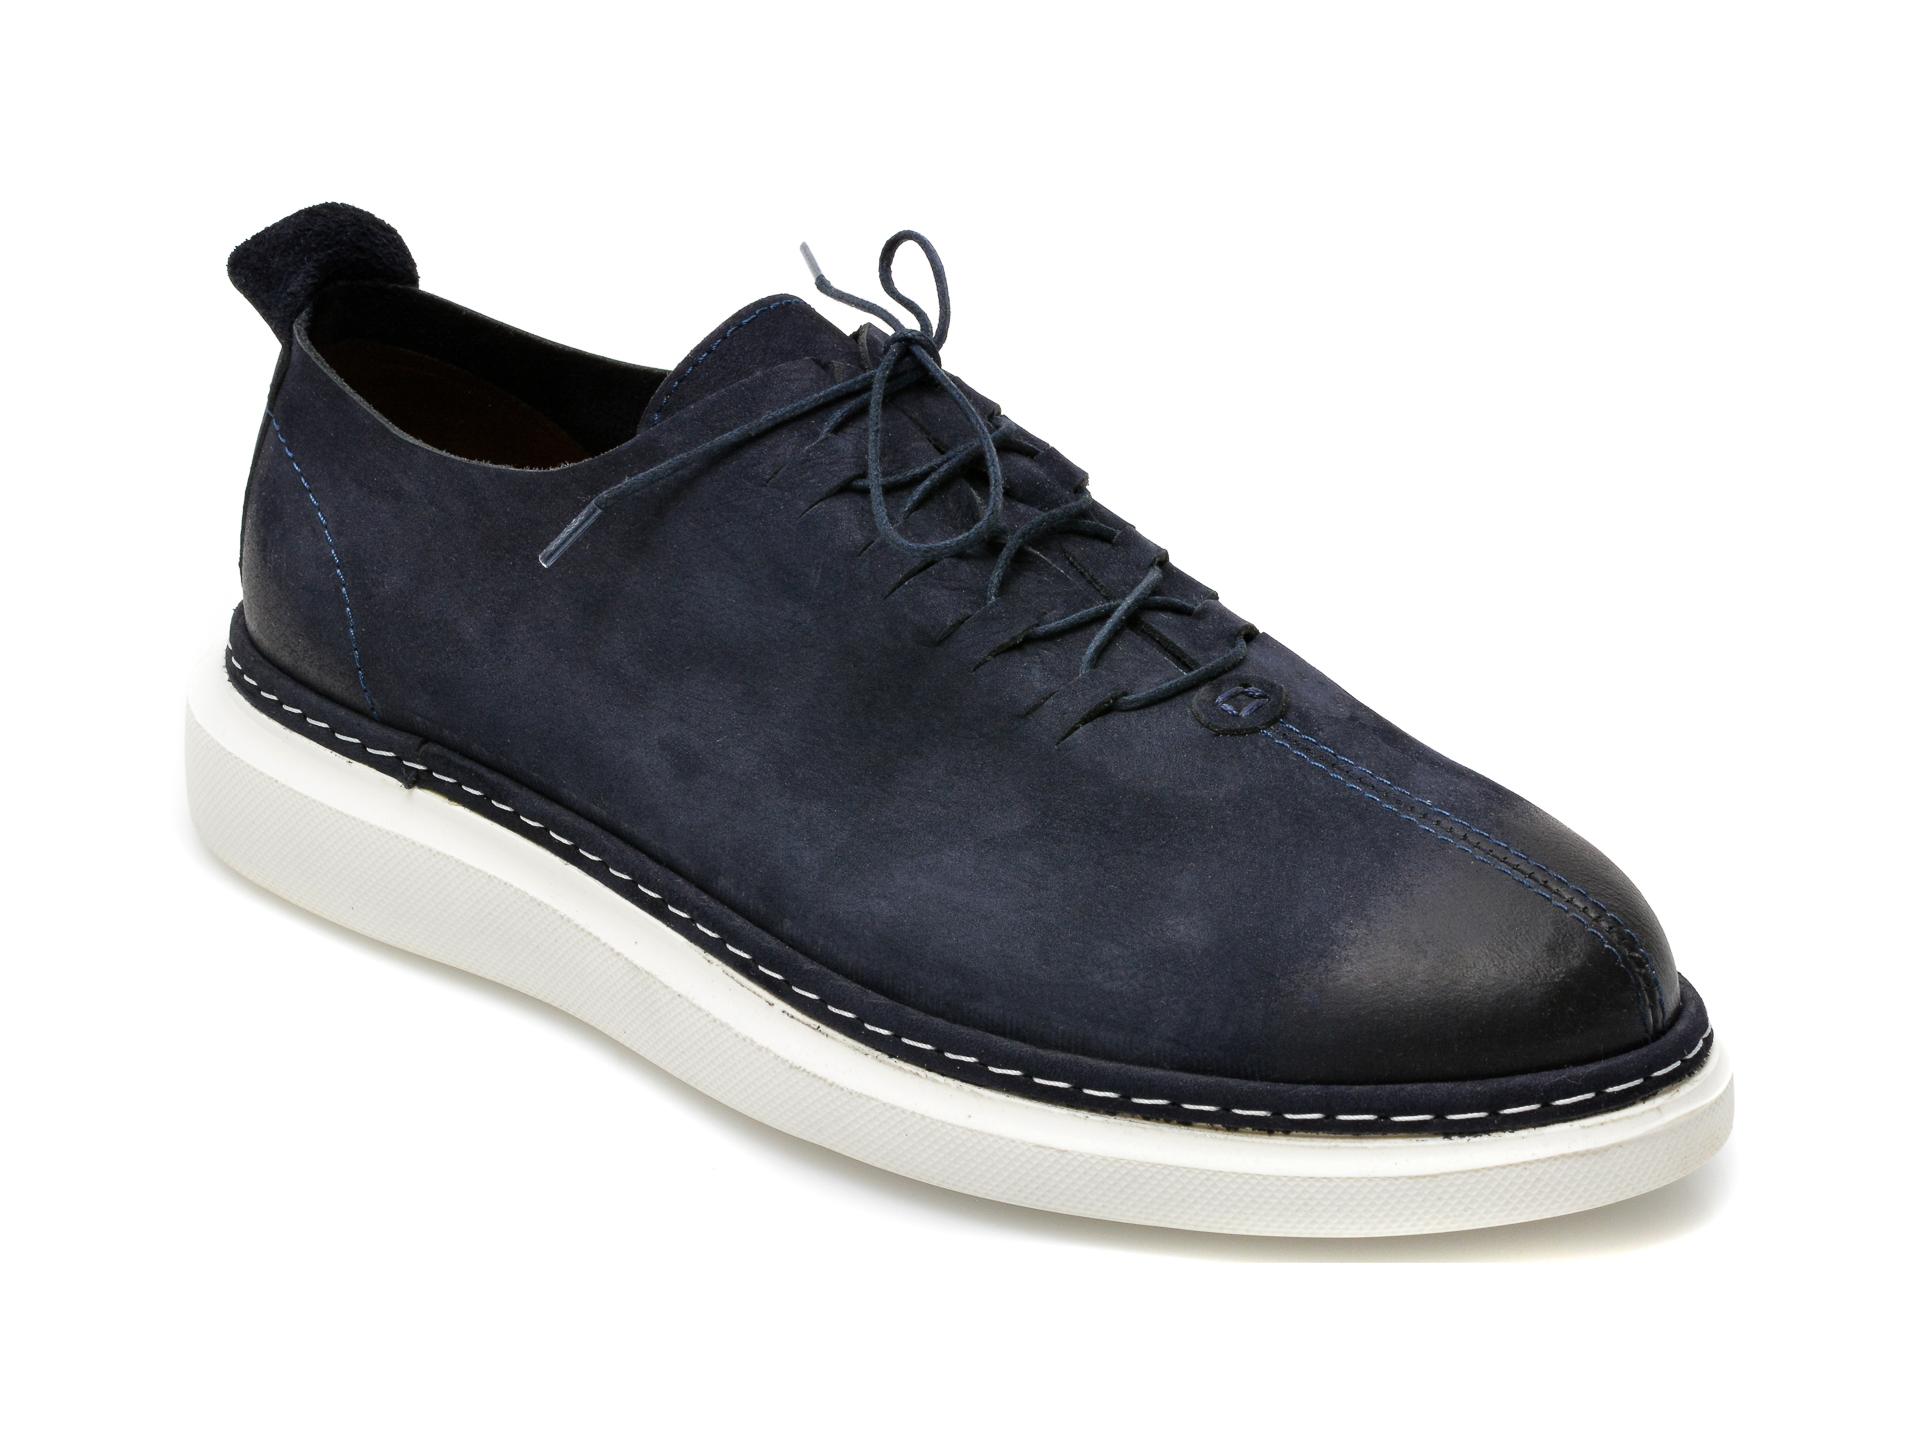 Pantofi OTTER bleumarin, 21KL801, din nabuc imagine otter.ro